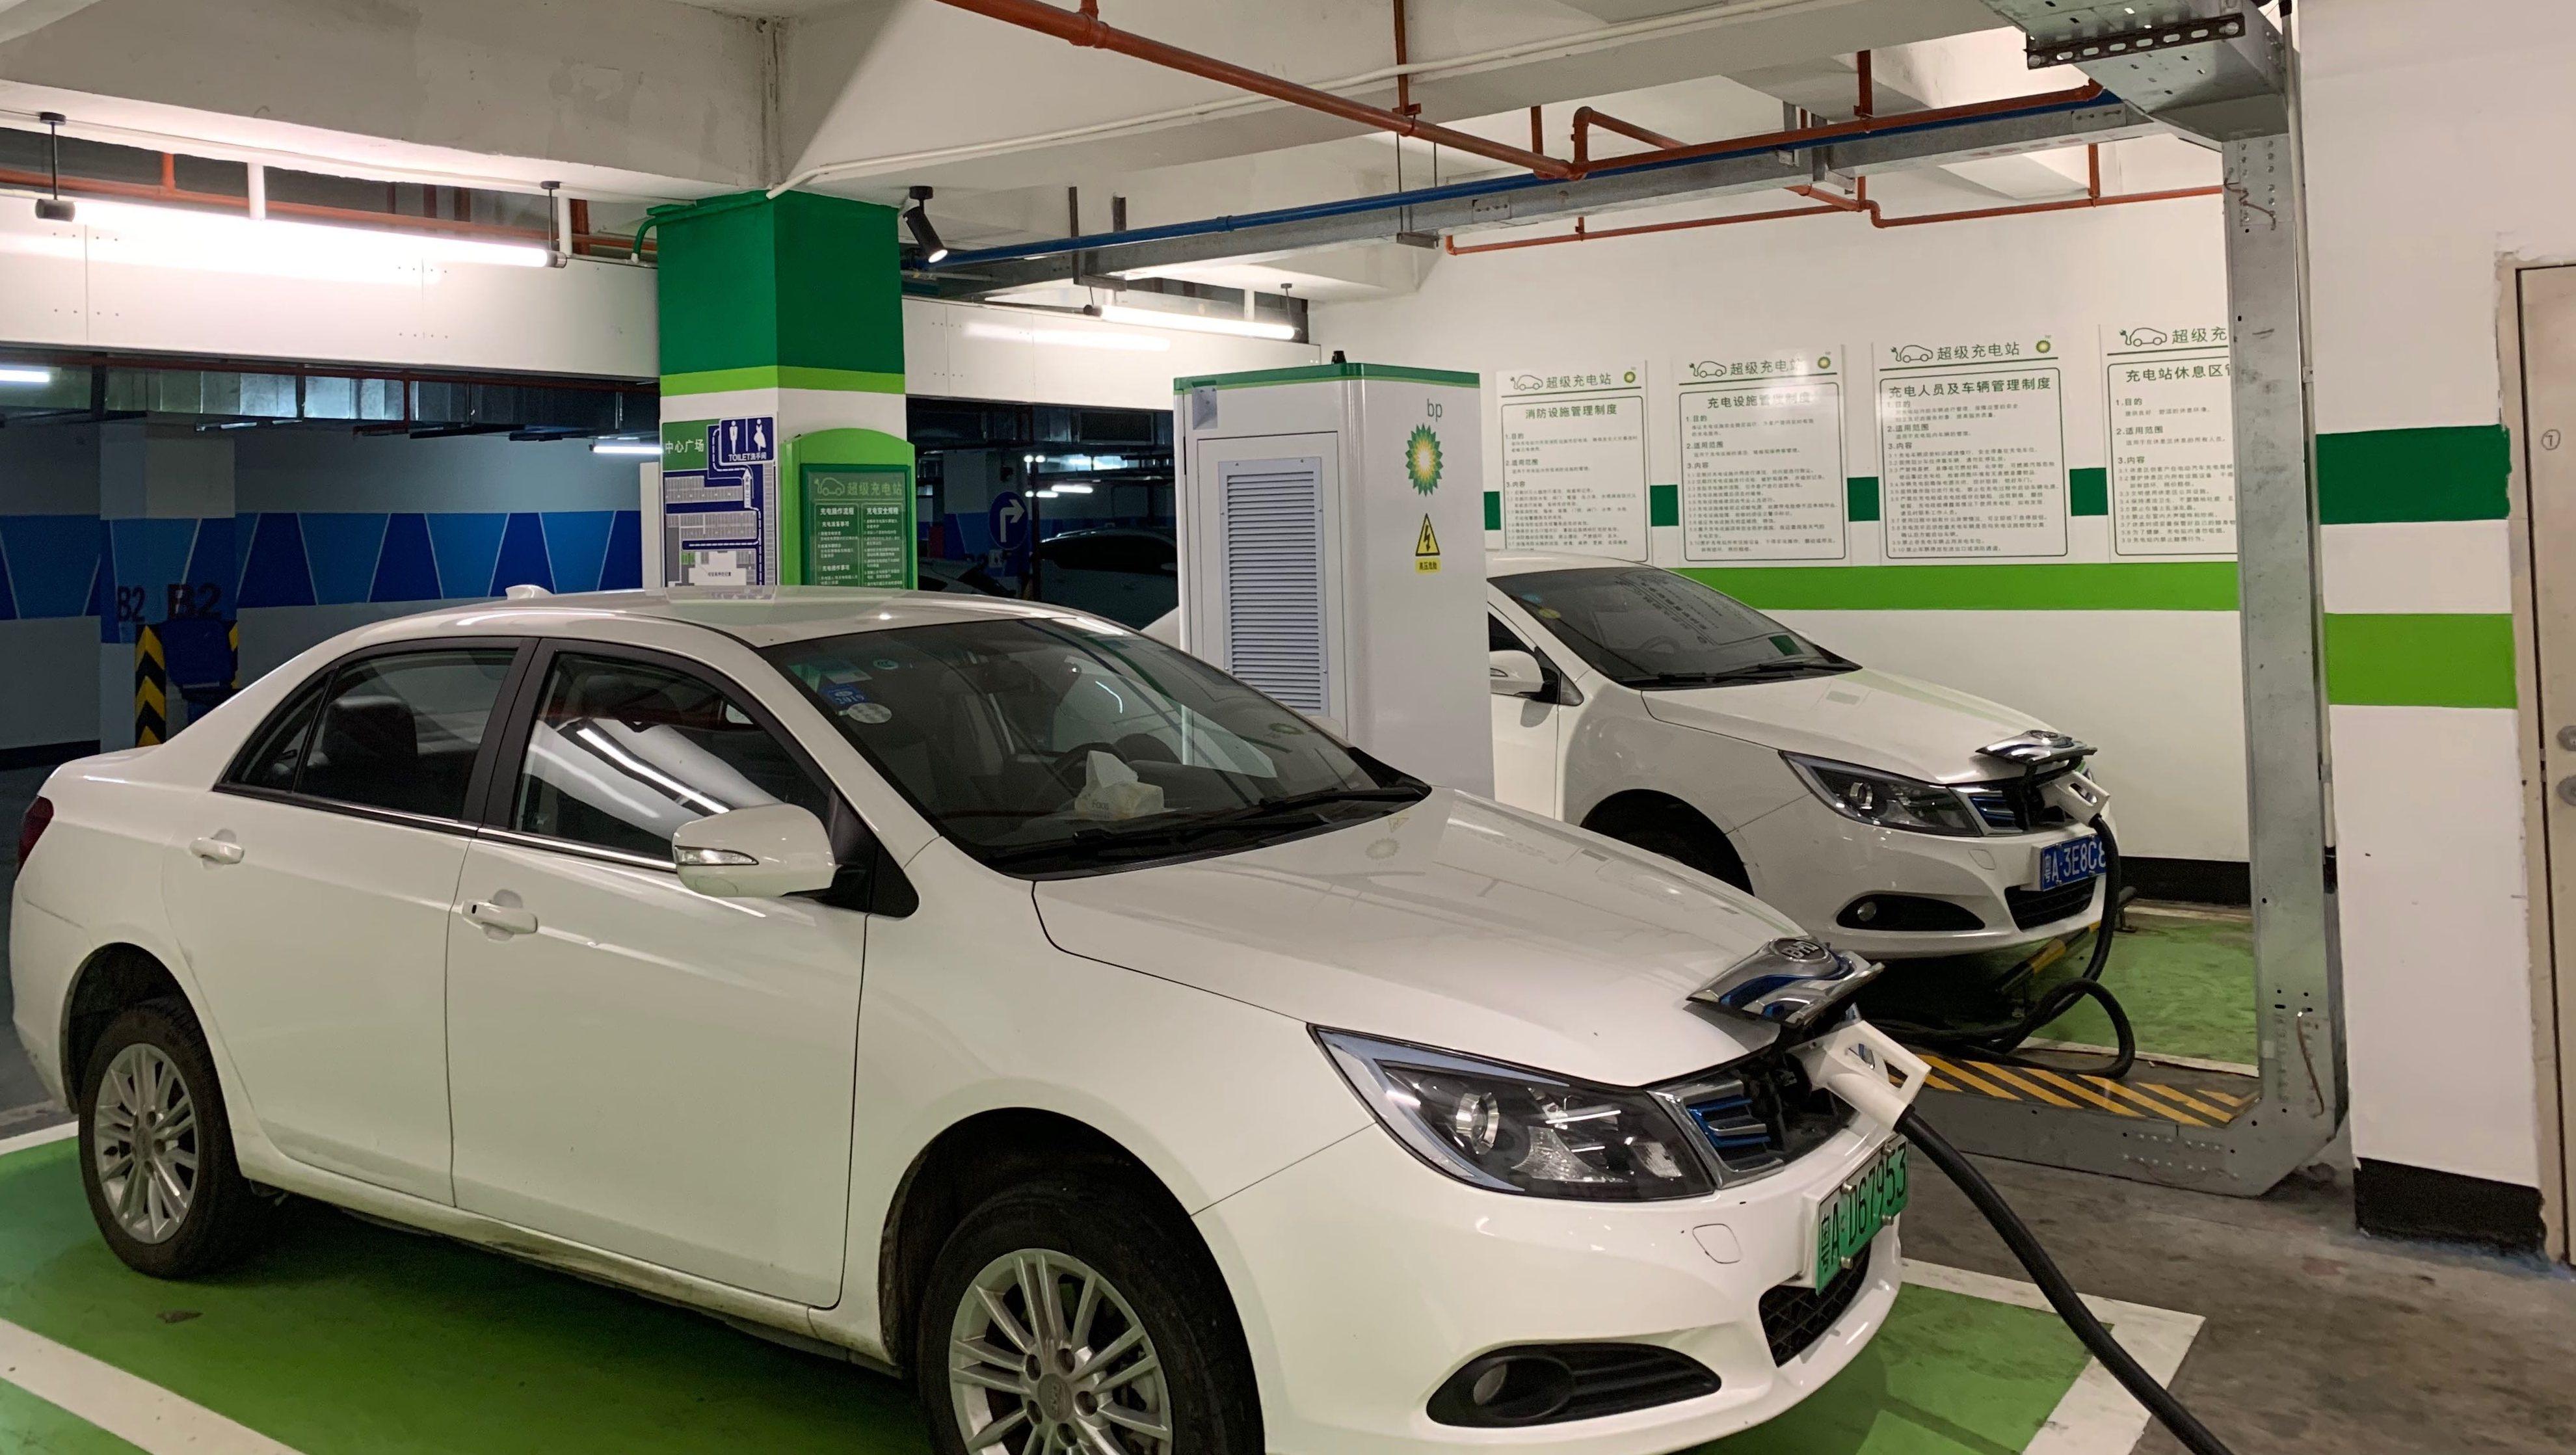 Didi BP Charging station